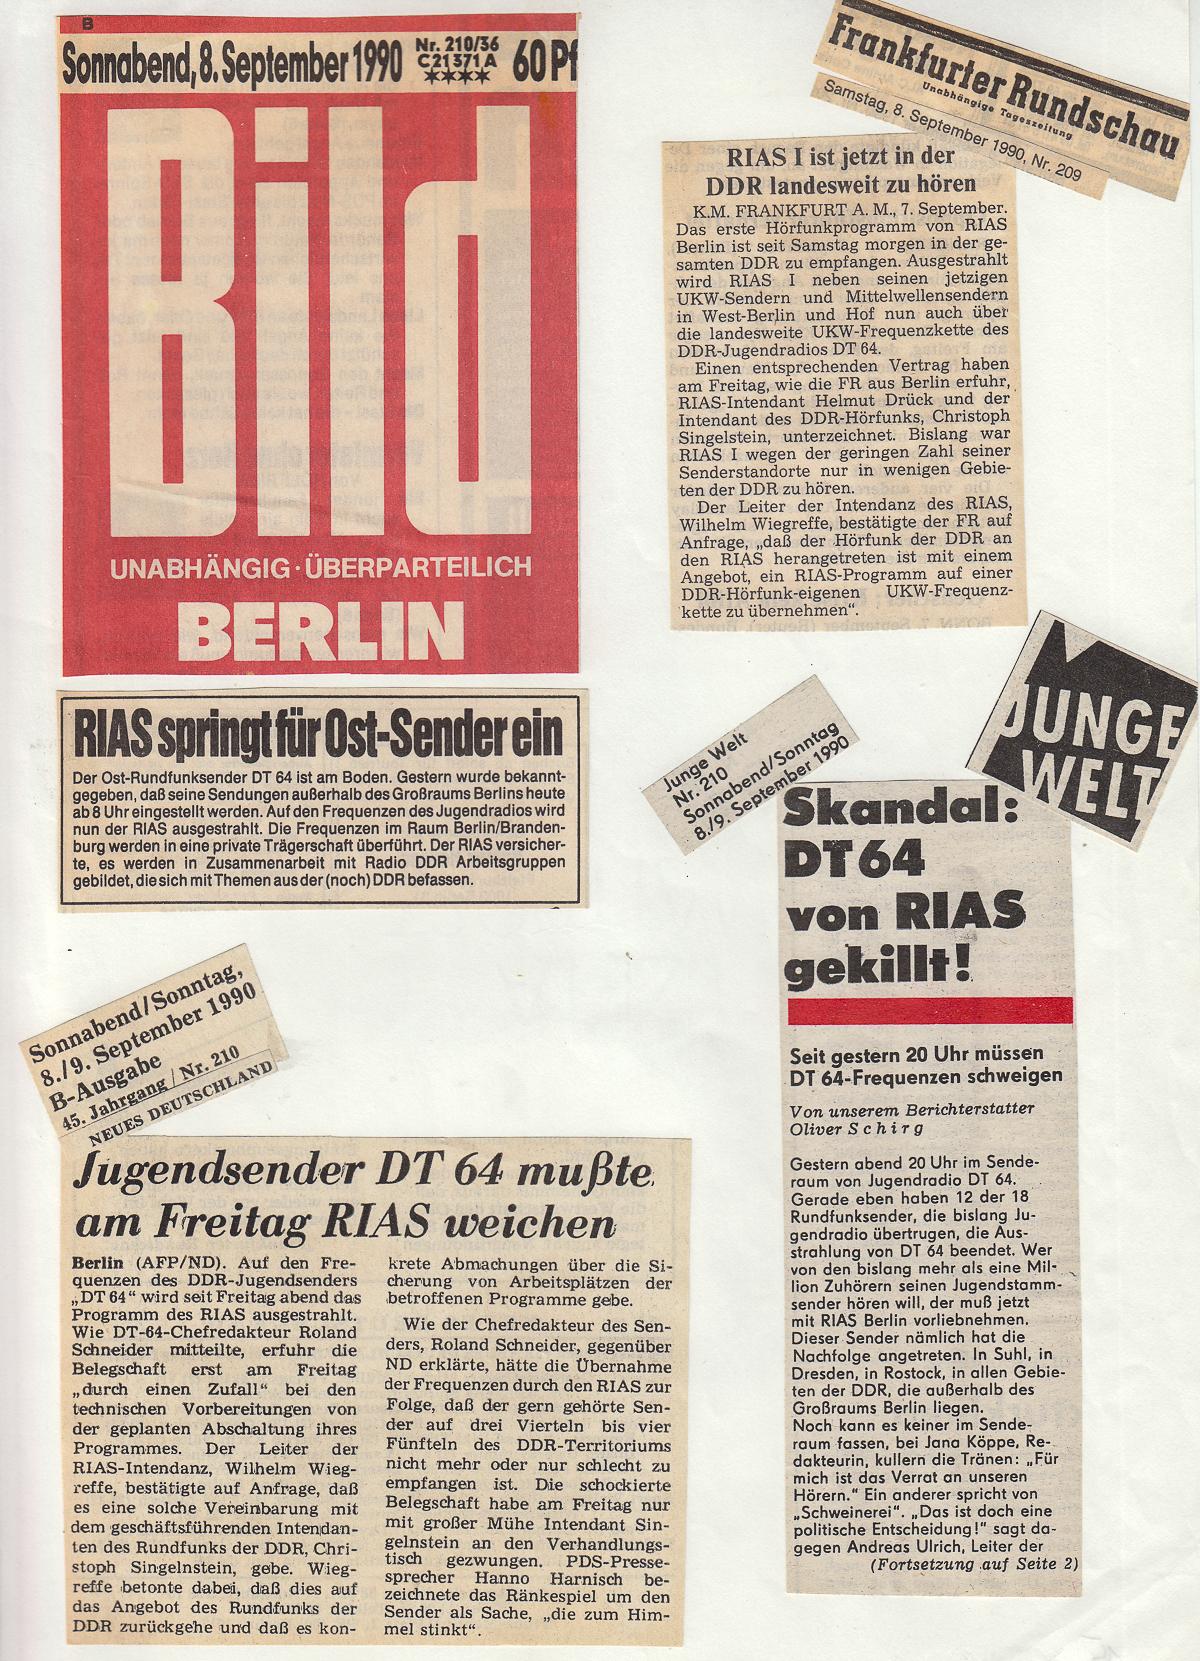 Tageszeitungen am Morgen danach (08.09.1990)